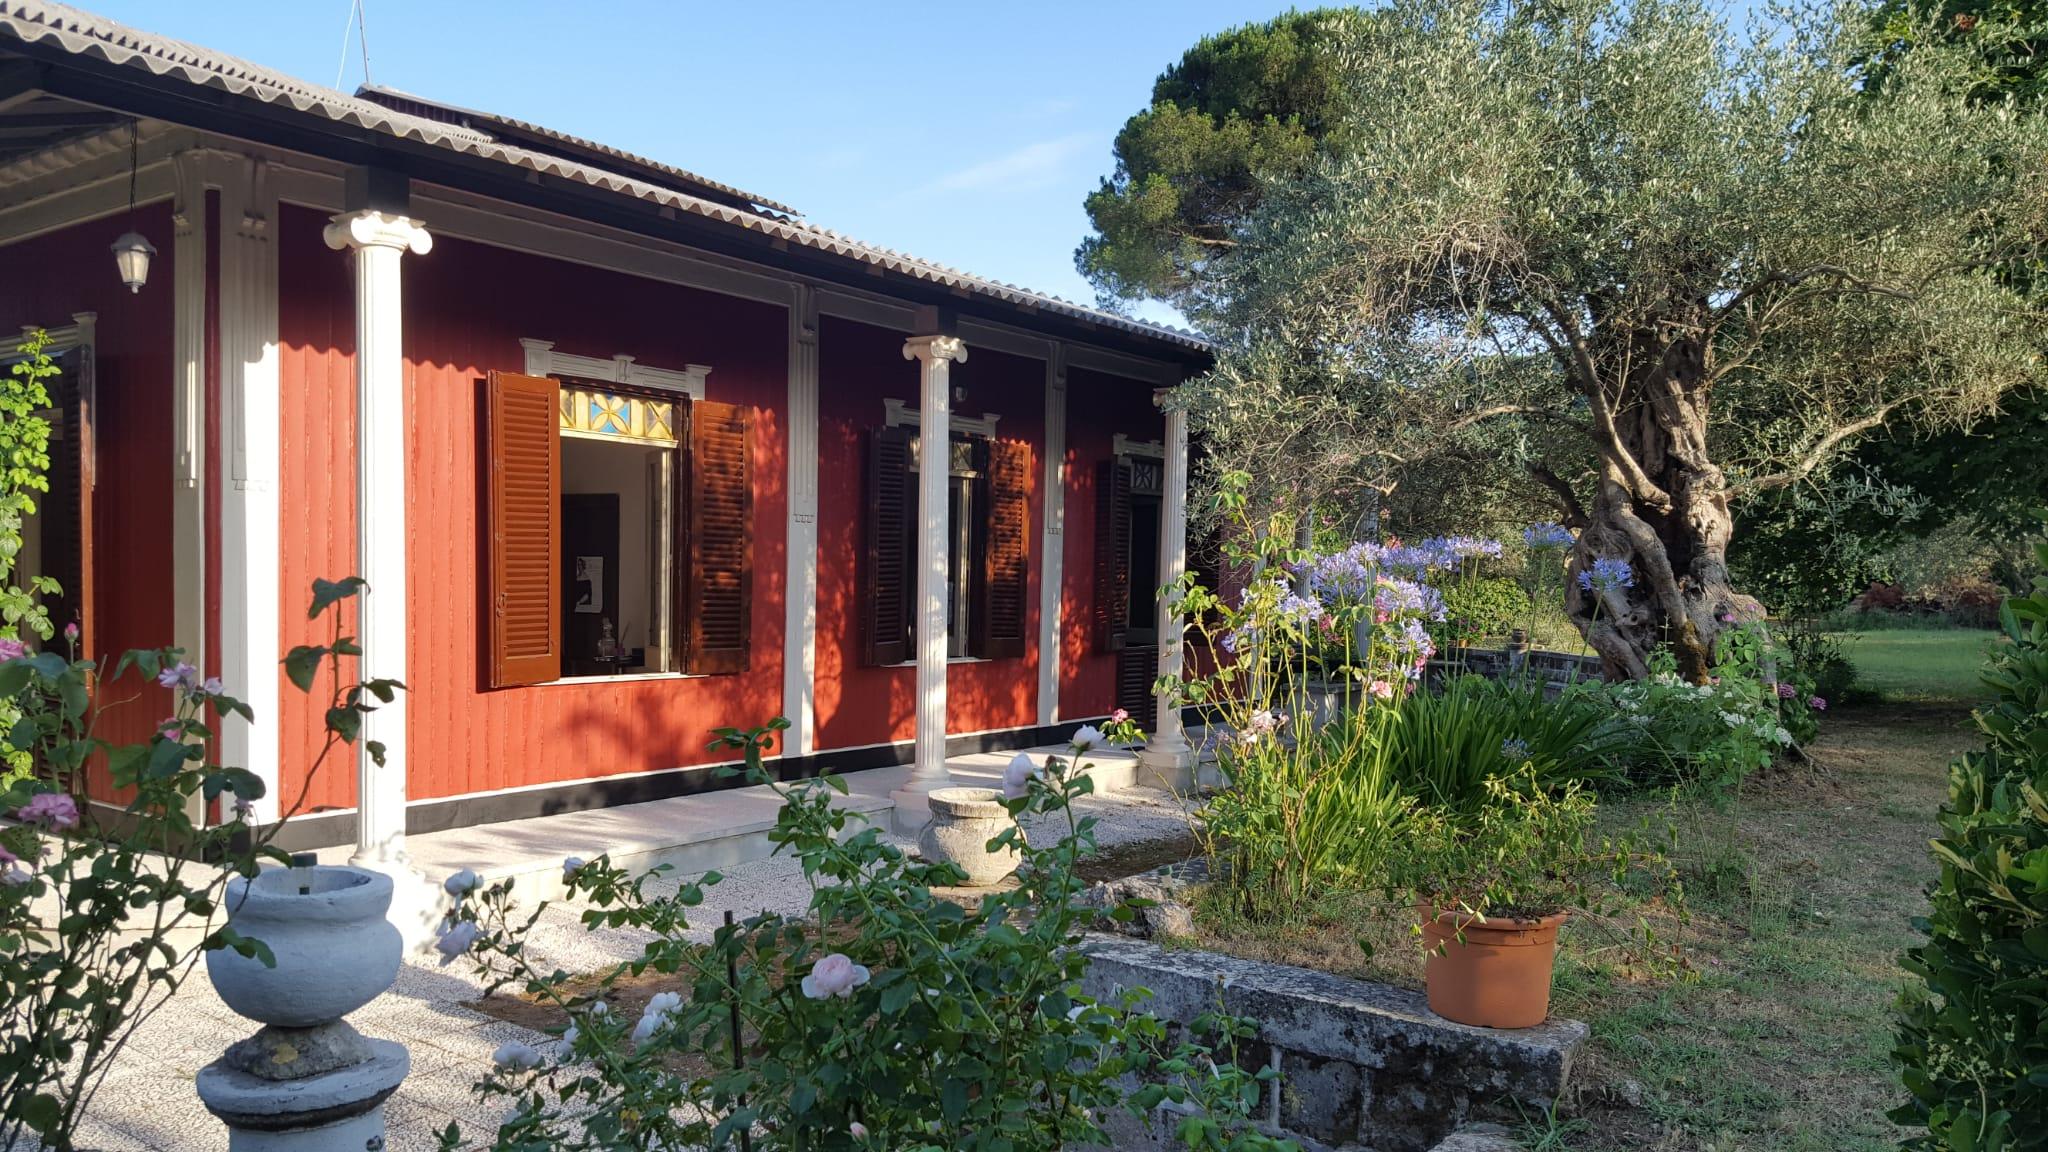 Chalet Pagliuca, via Pasquale Pagliuca, 81012 Alvignano